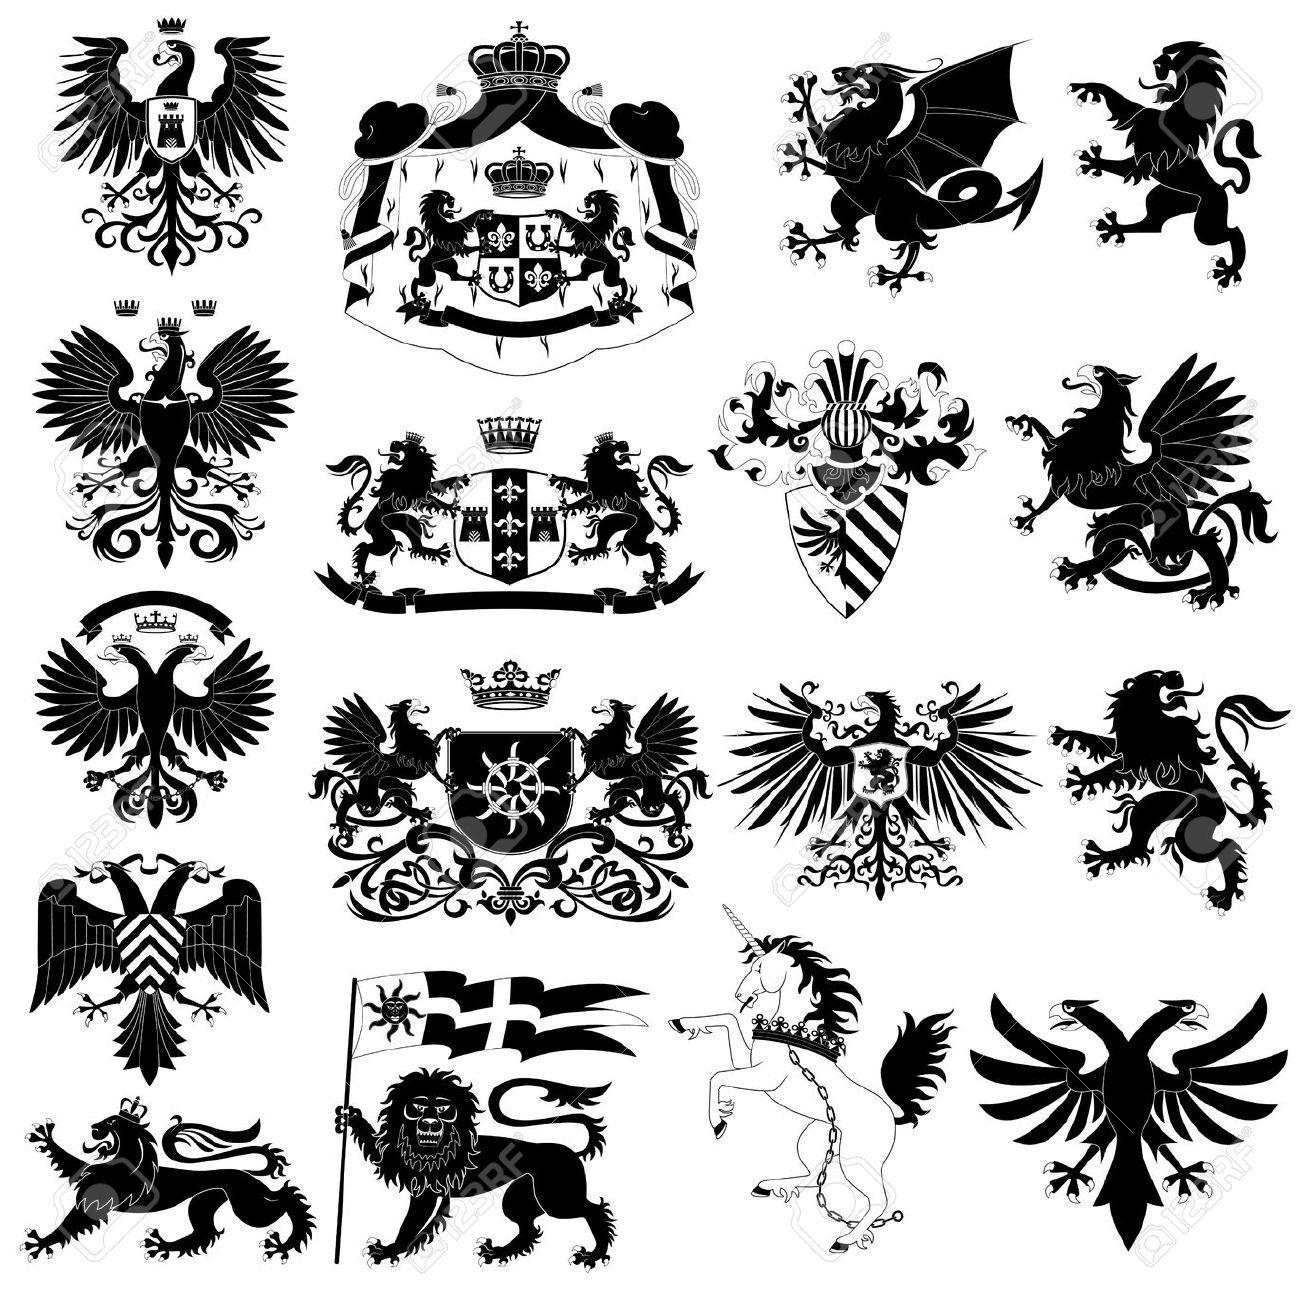 紋章および紋章の動物セット ロイヤリティフリークリップアート